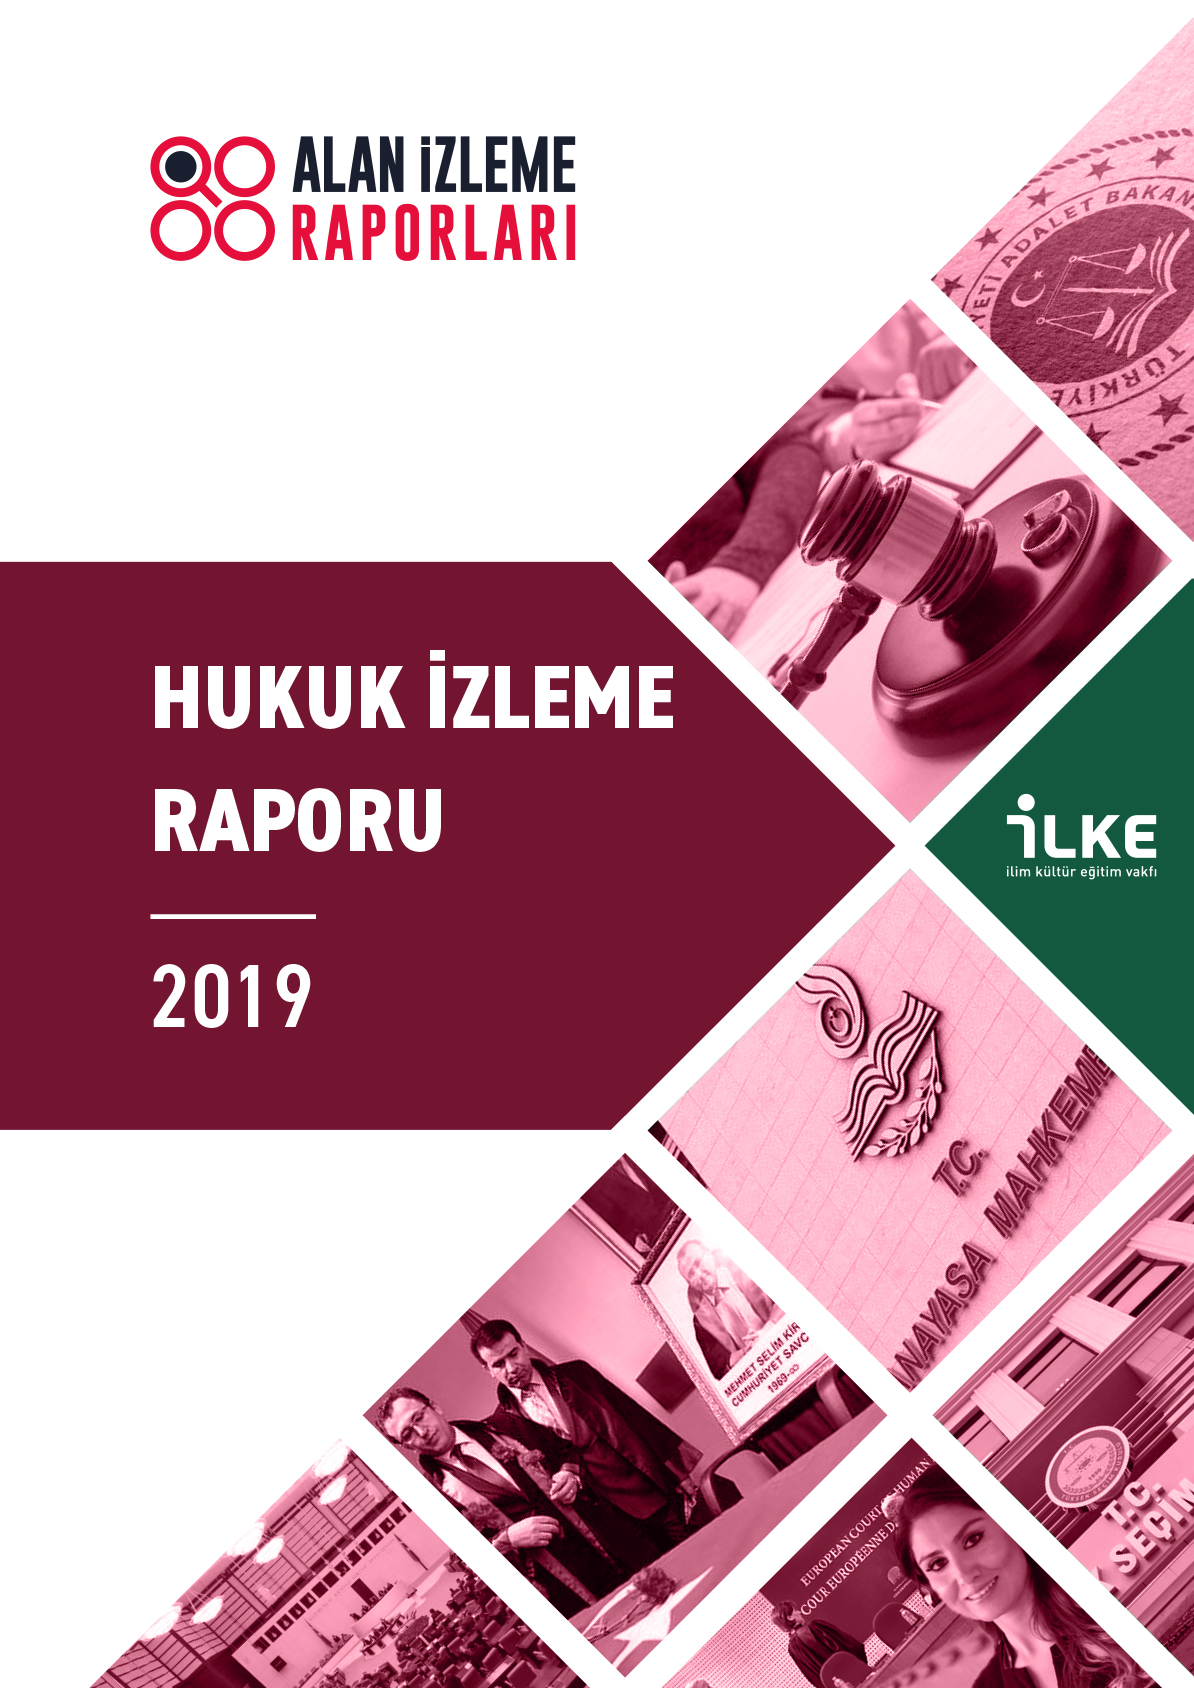 HUKUK İzleme Raporu 2019